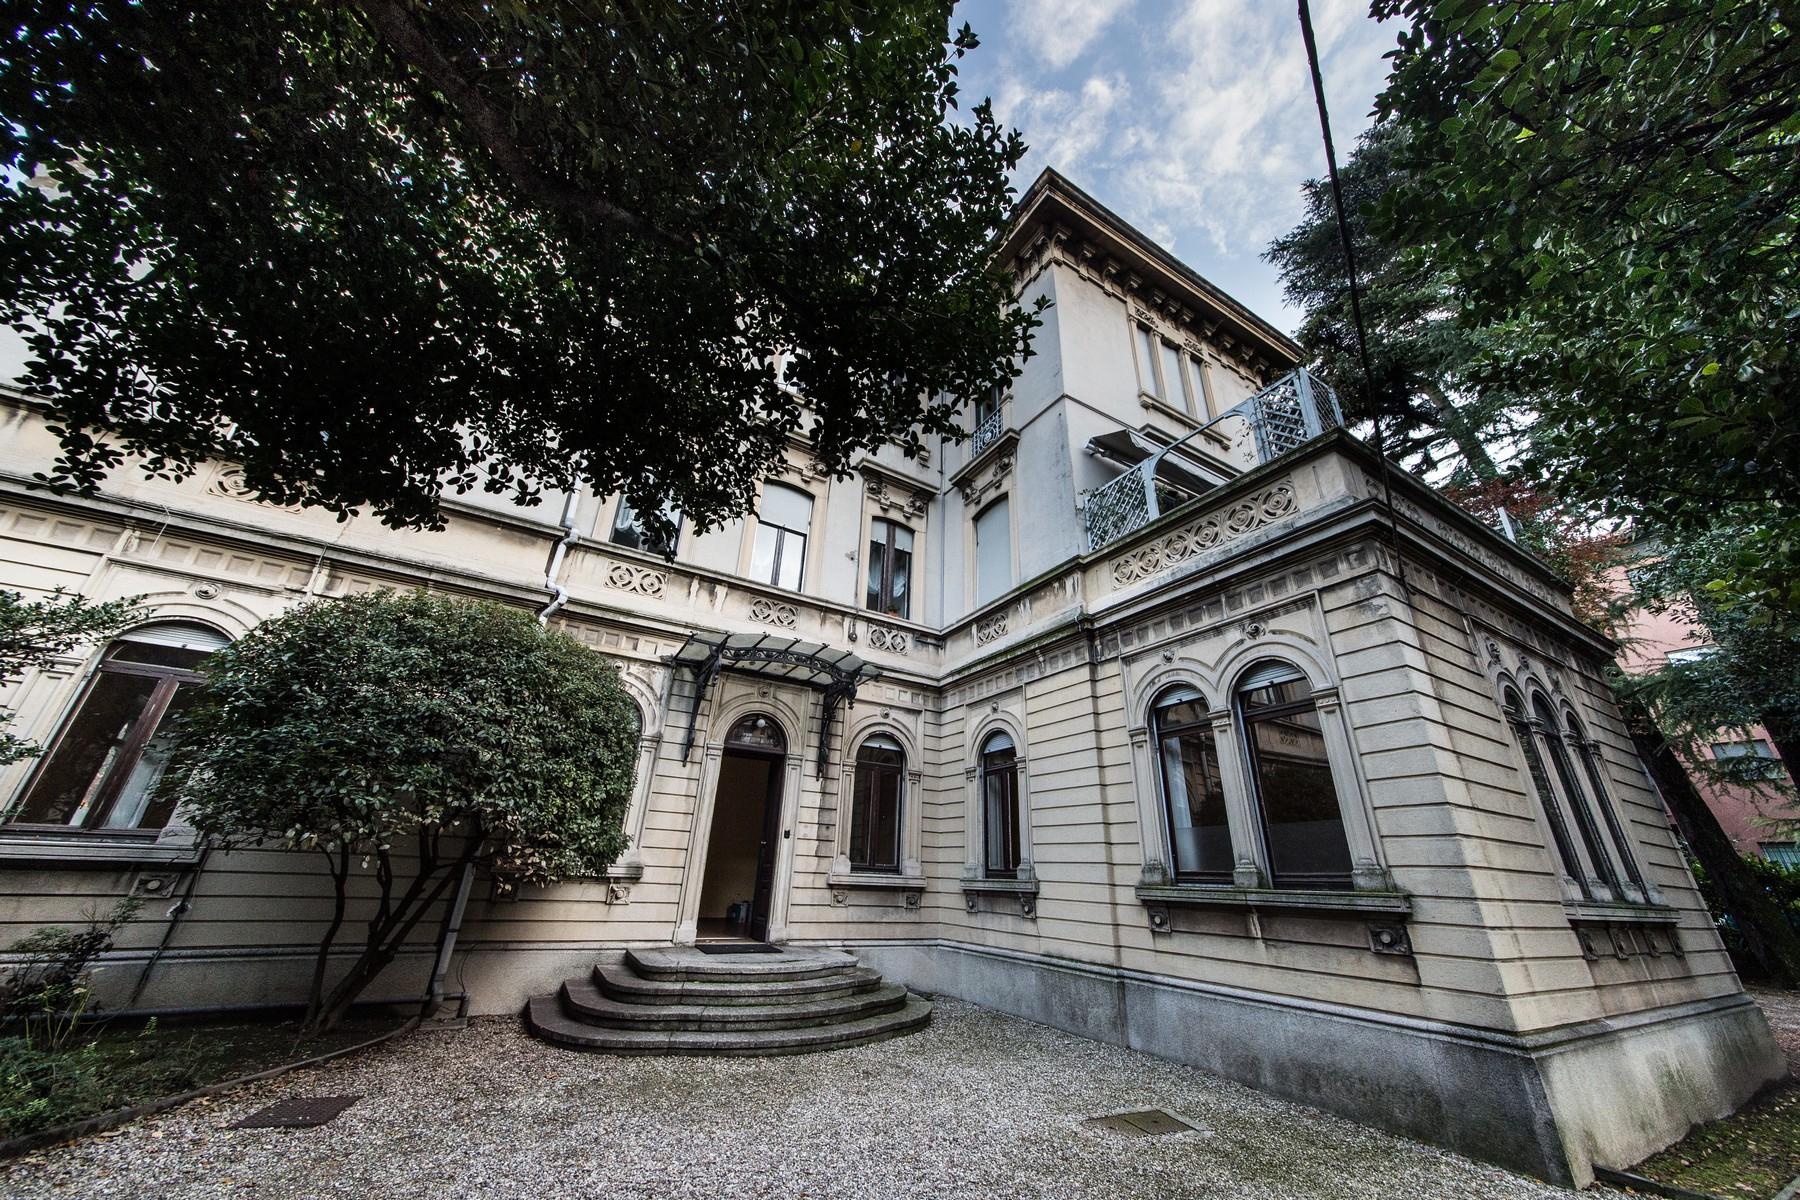 Ufficio-studio in Vendita a Como: 0 locali, 230 mq - Foto 3